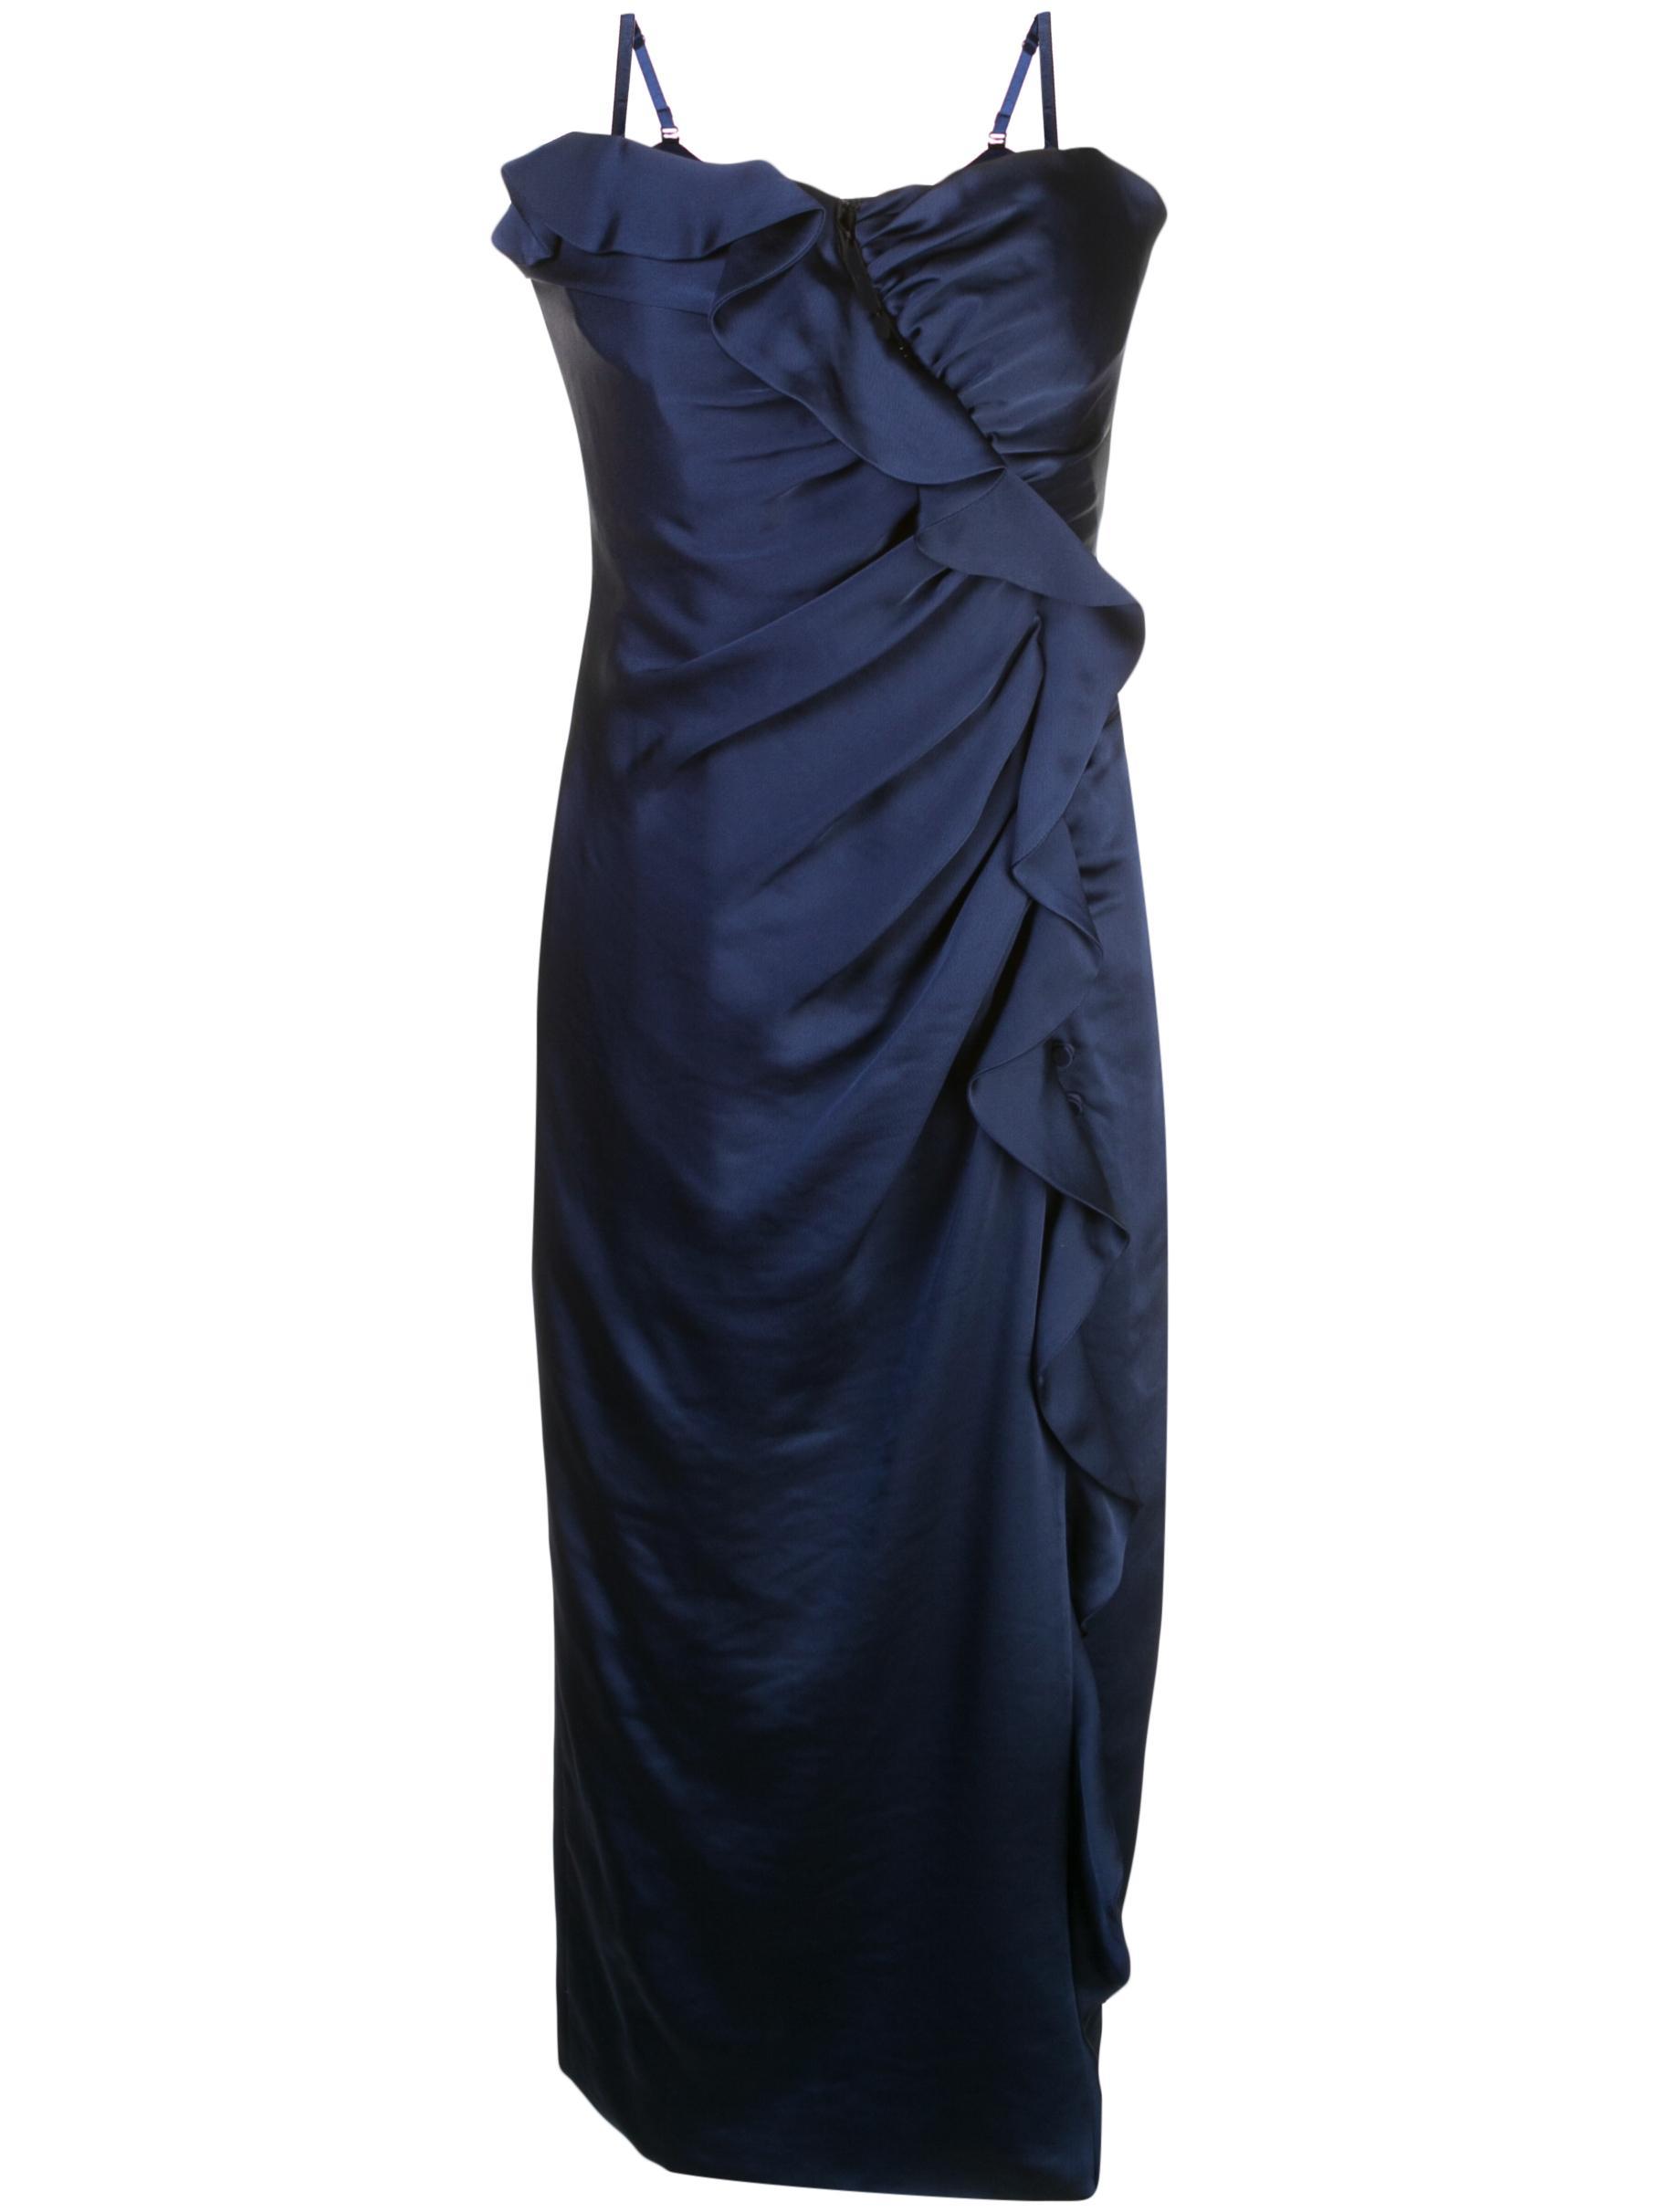 Ruffle Bustier Sateen Dress Item # 319-1026-Q